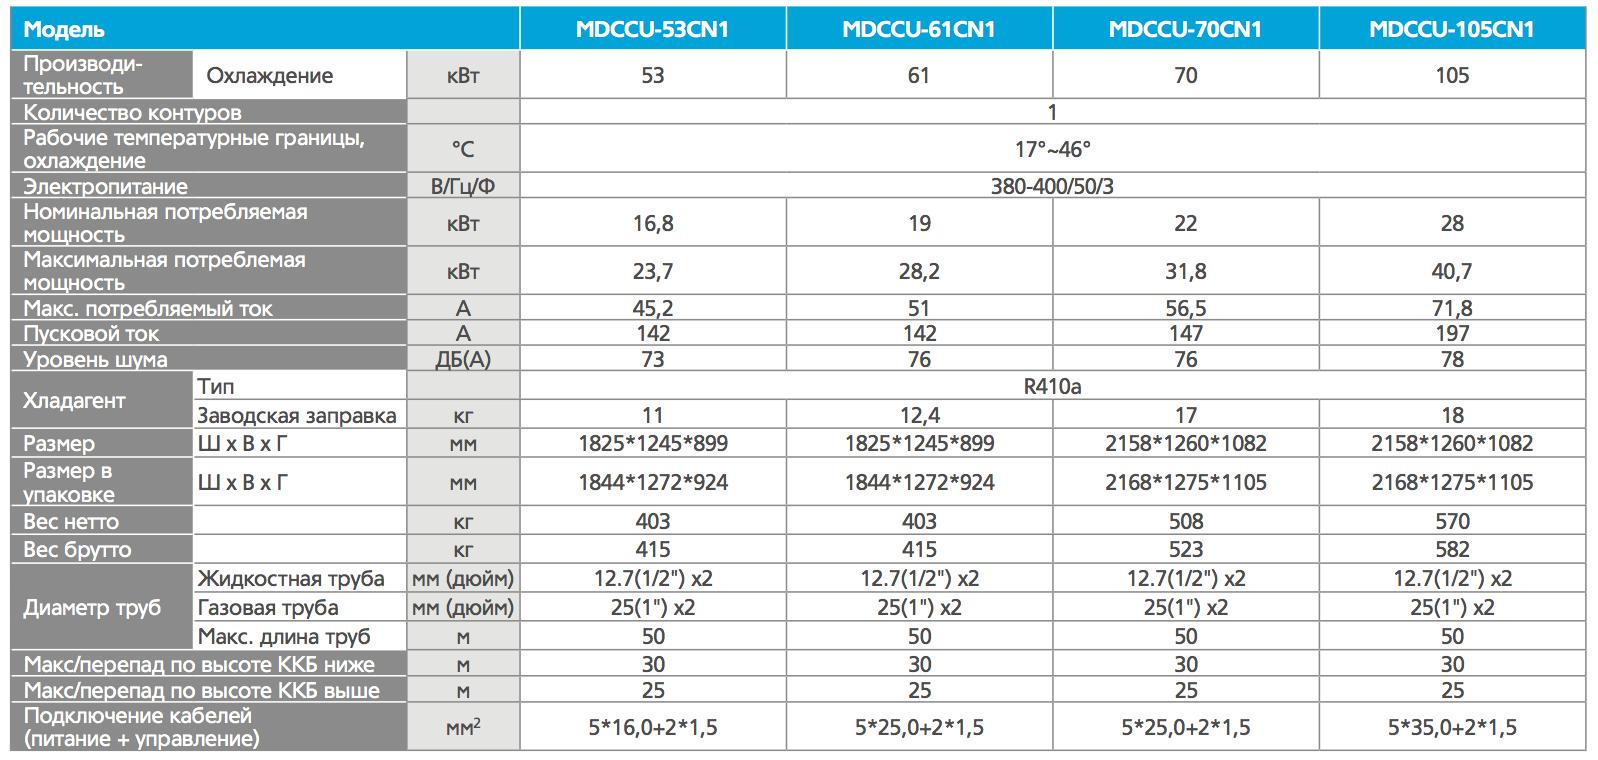 характеристика_ККБ_53-105.png